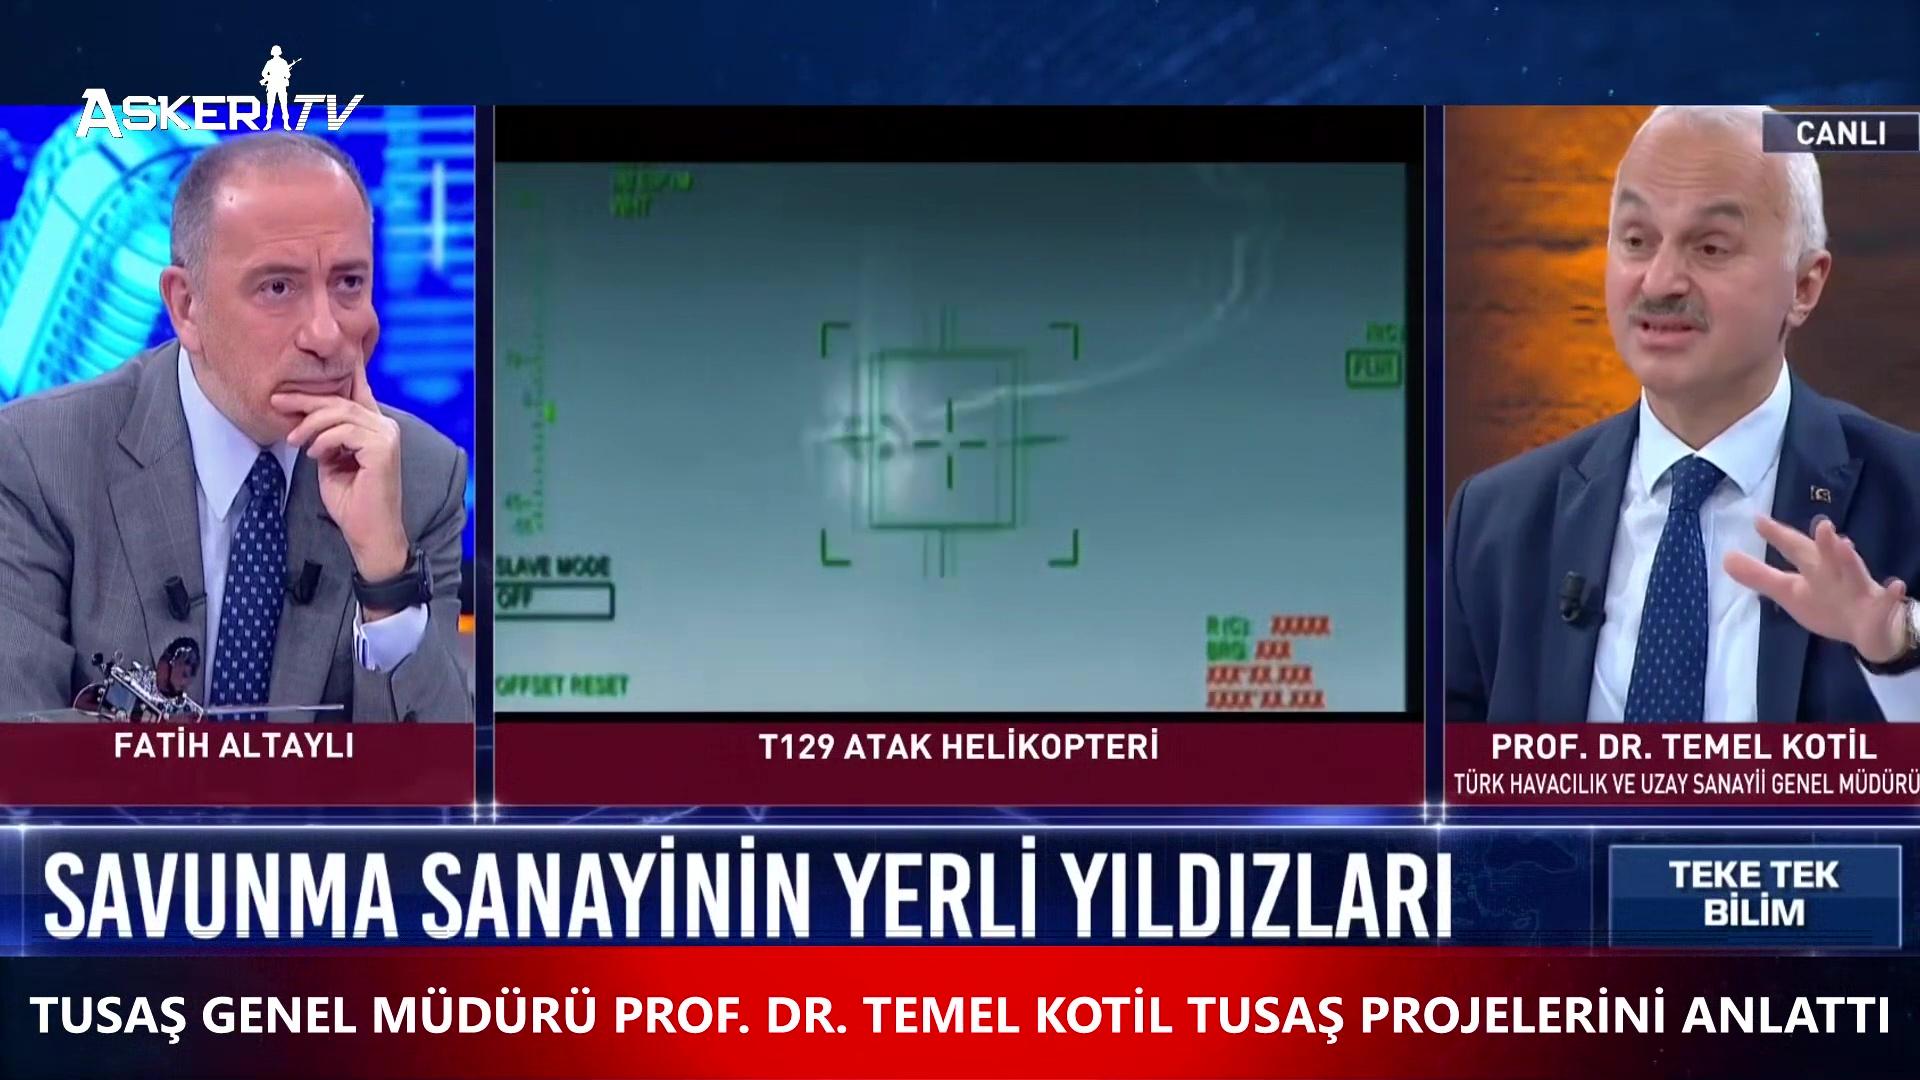 TUSAŞ Genel Müdürü Temel KOTİL, TUSAŞ Projelerini Anlattı (14.03.2021)